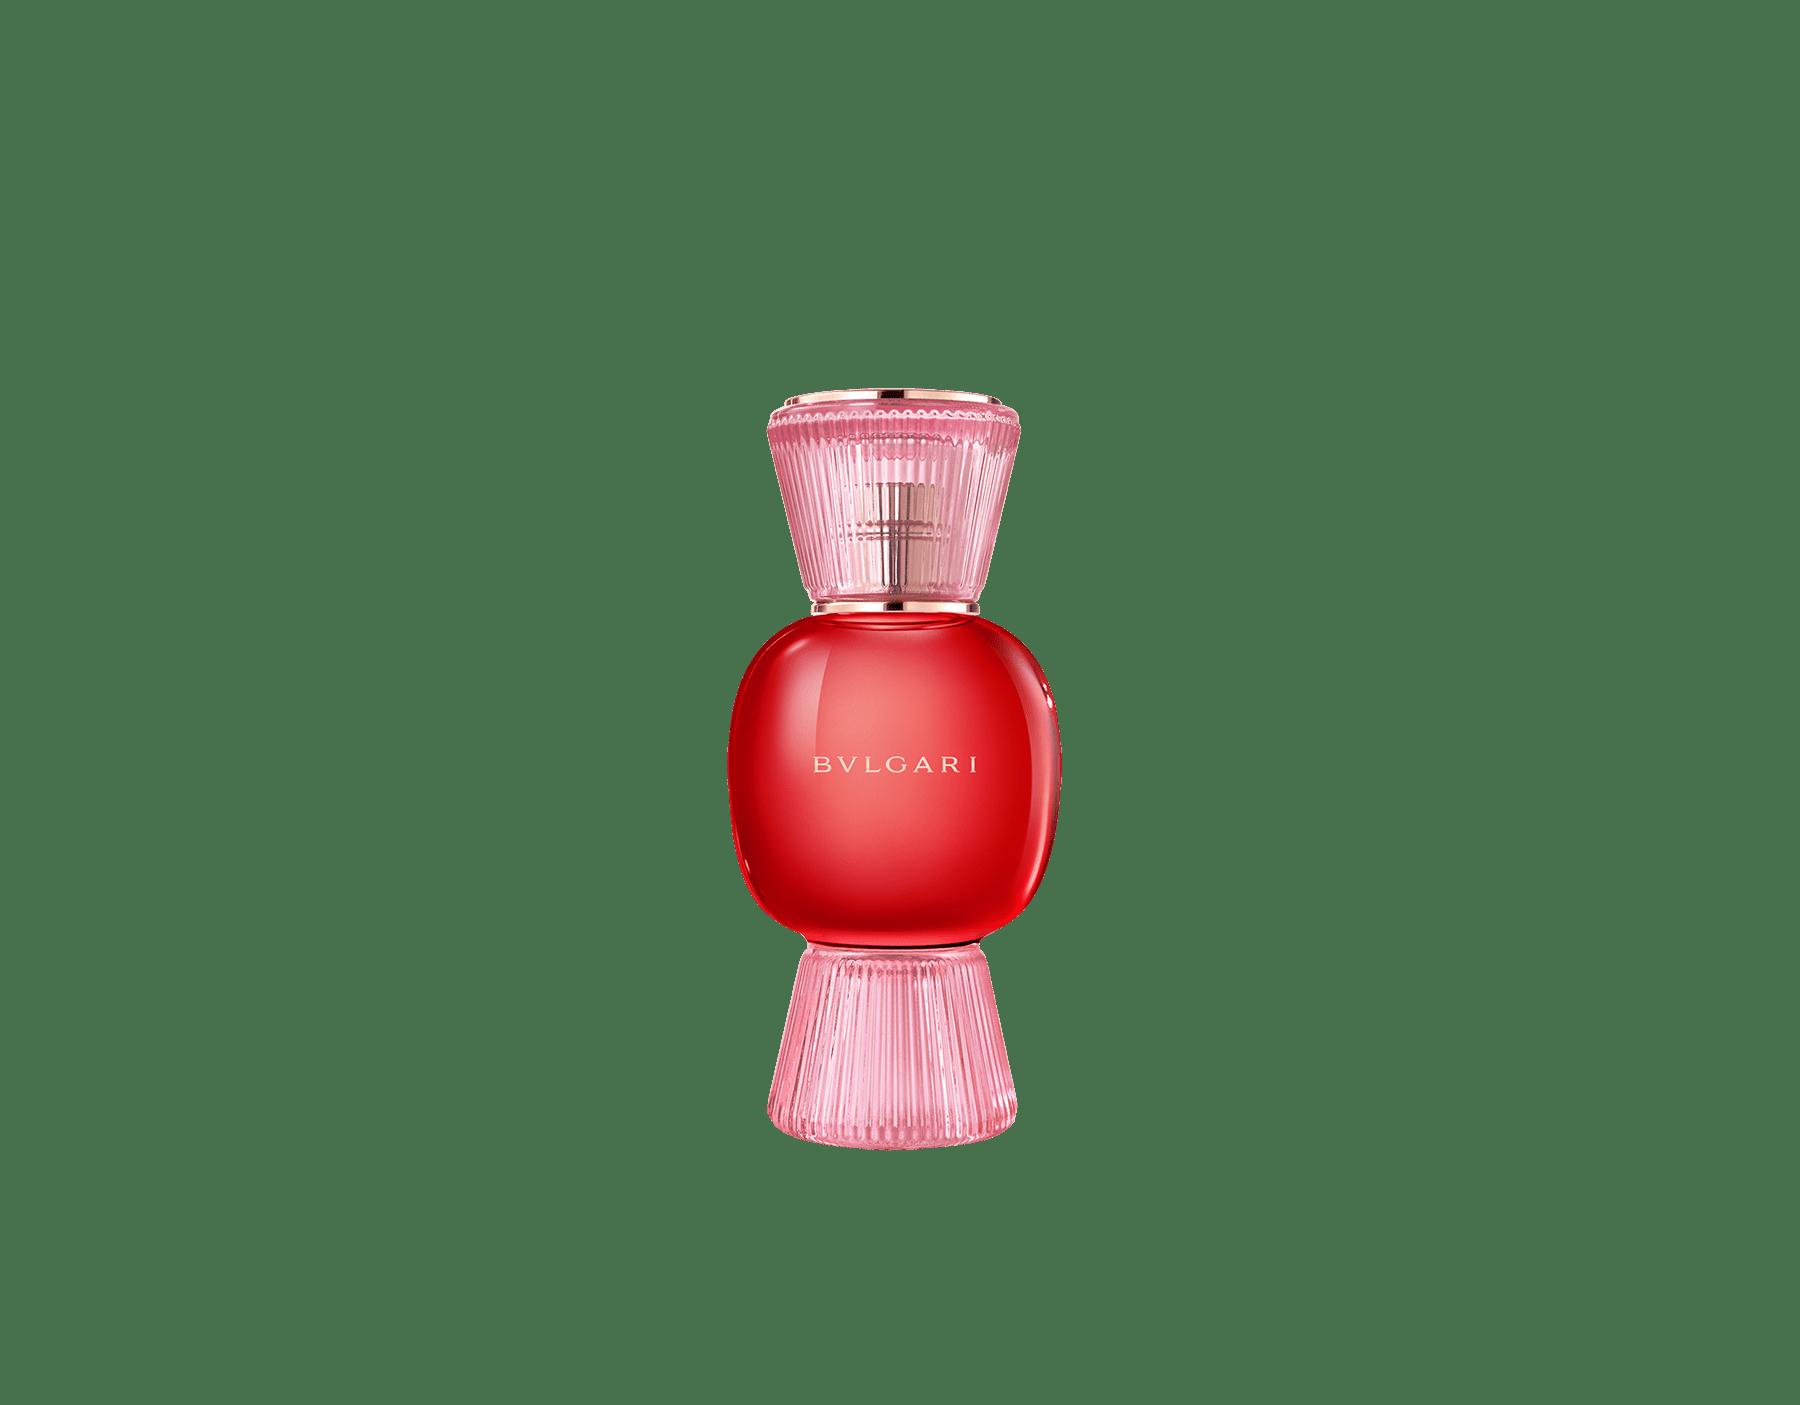 「這是一朵紅色玫瑰,嬌豔而鮮嫩。」<br>——調香大師賈克‧卡瓦利耶<br>充滿愛的馥郁花香,宛如收到一大束玫瑰,欣喜無比。 41241 image 4